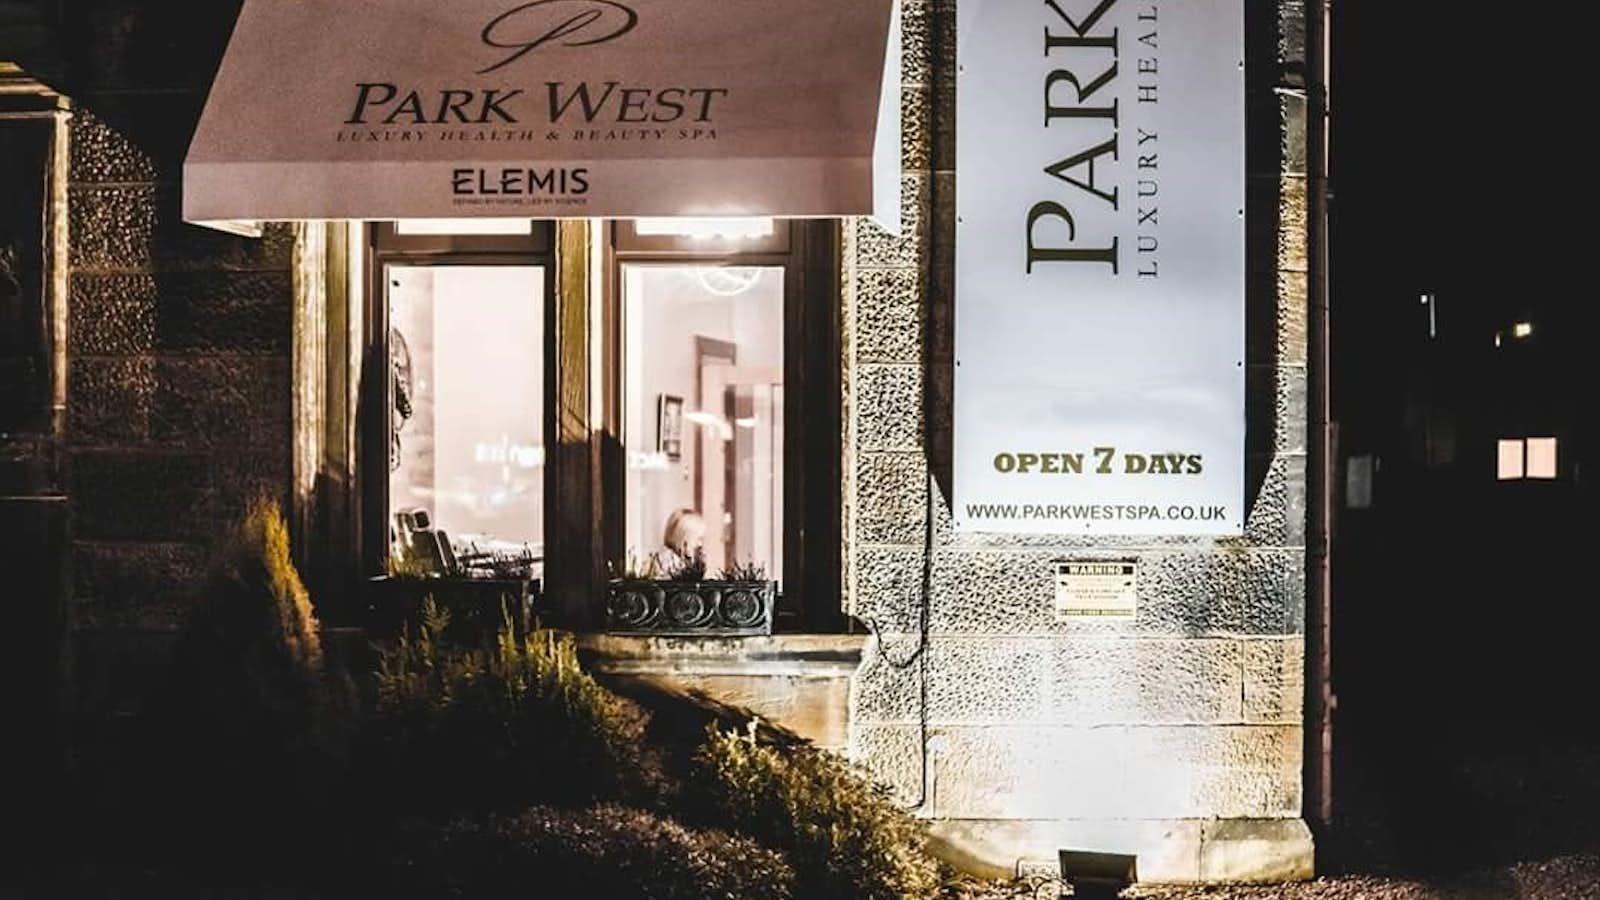 Park West Spa